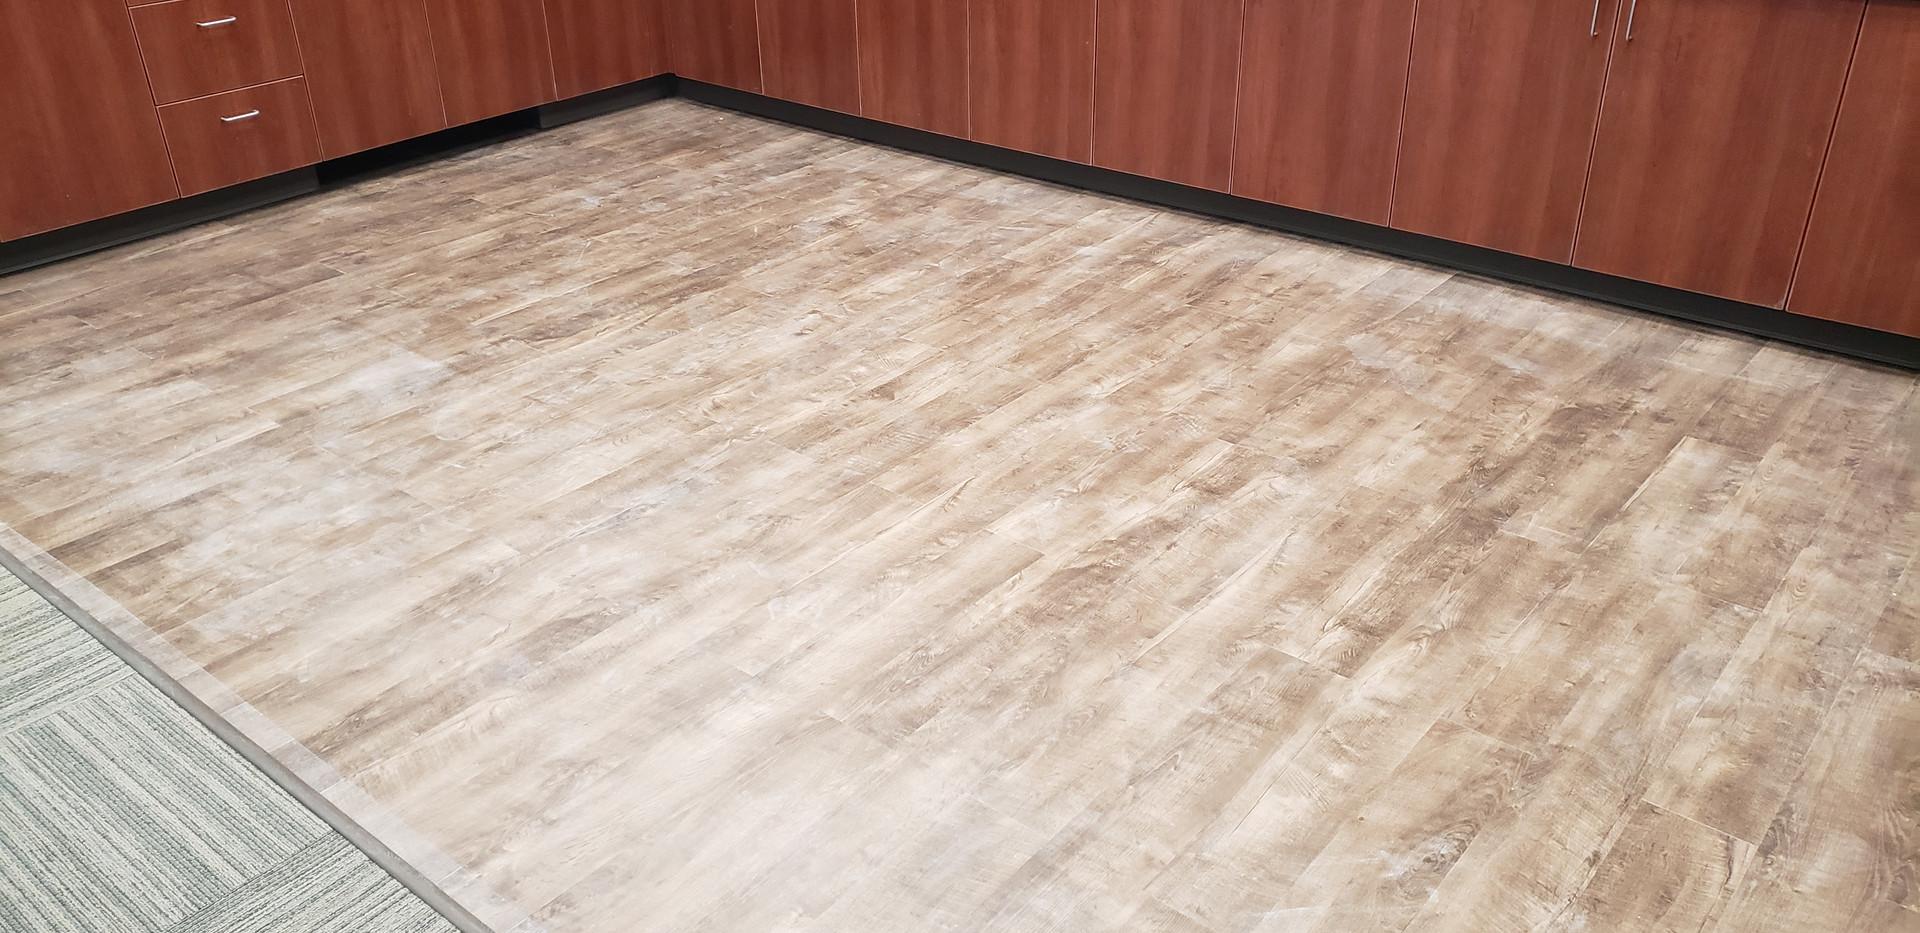 Hardwood Floor - Buildout Pros